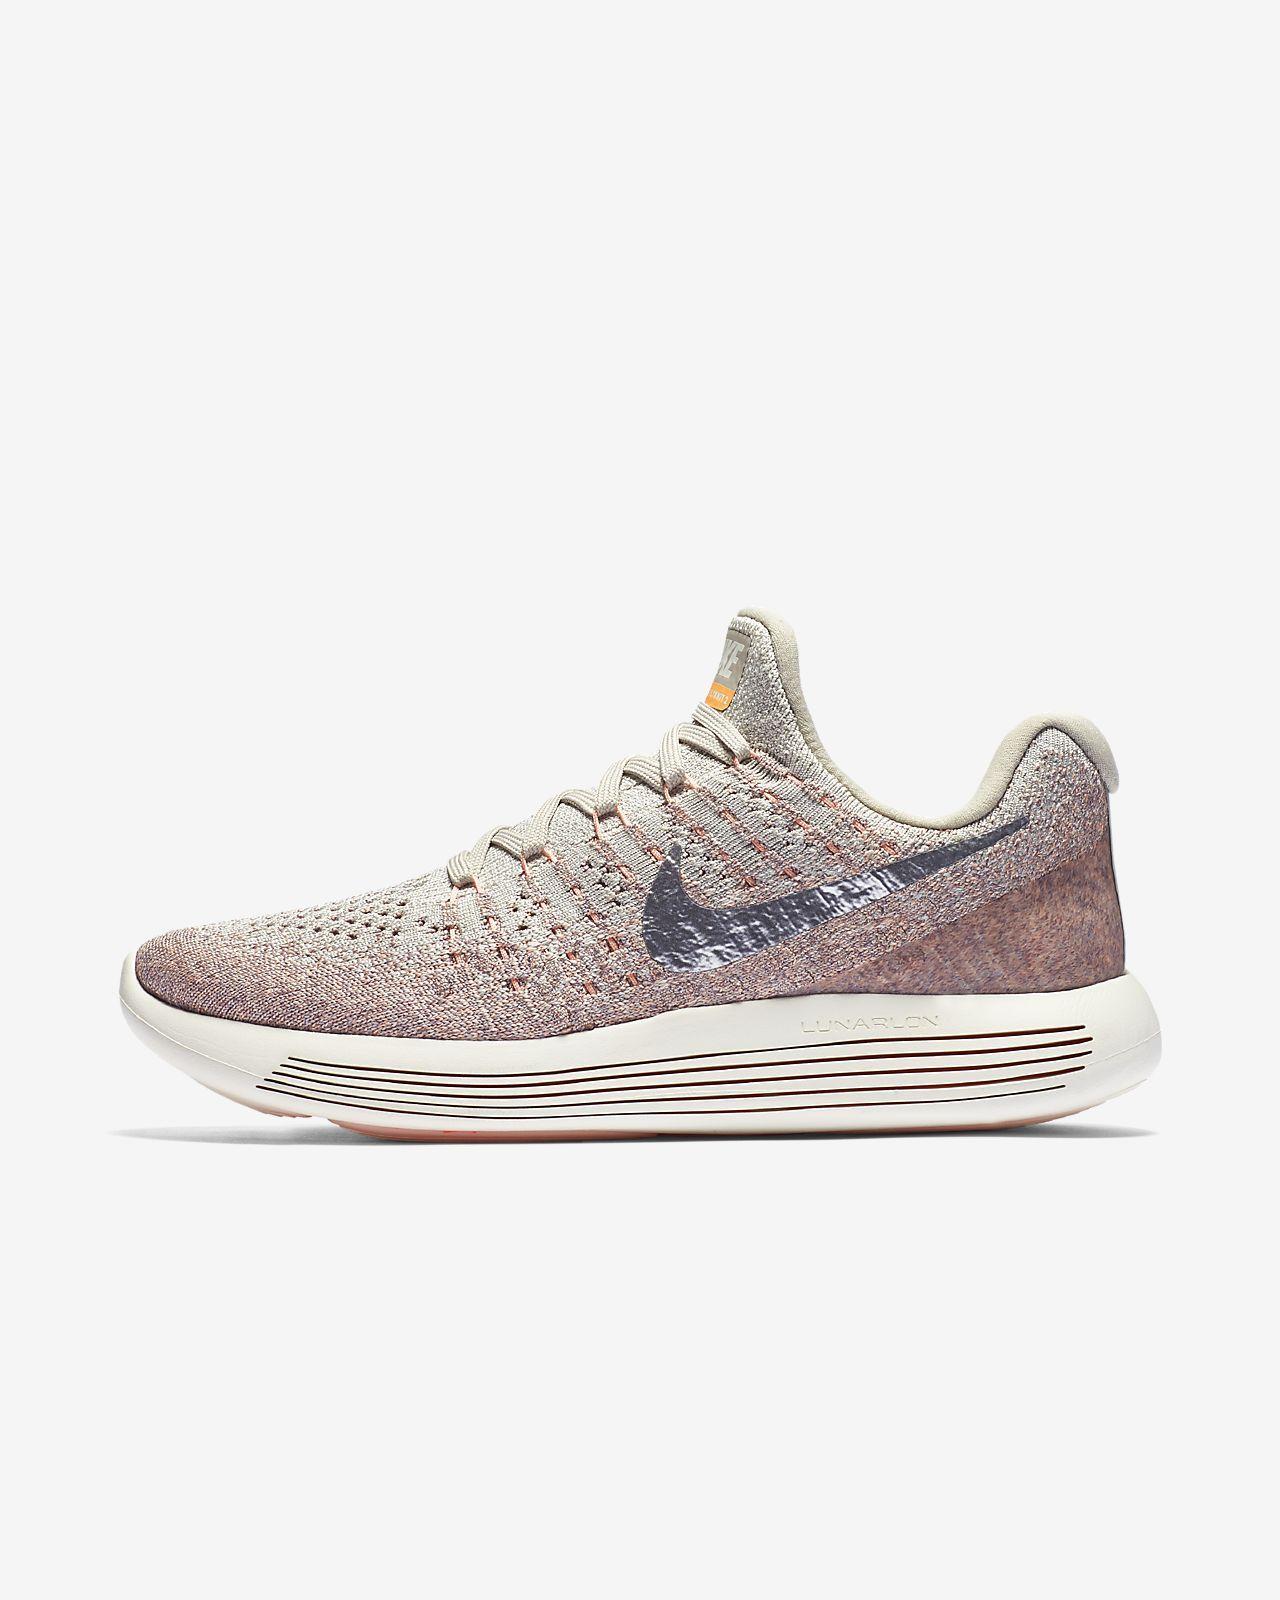 c60ded7c135 Nike LunarEpic Low Flyknit 2 Women s Running Shoe